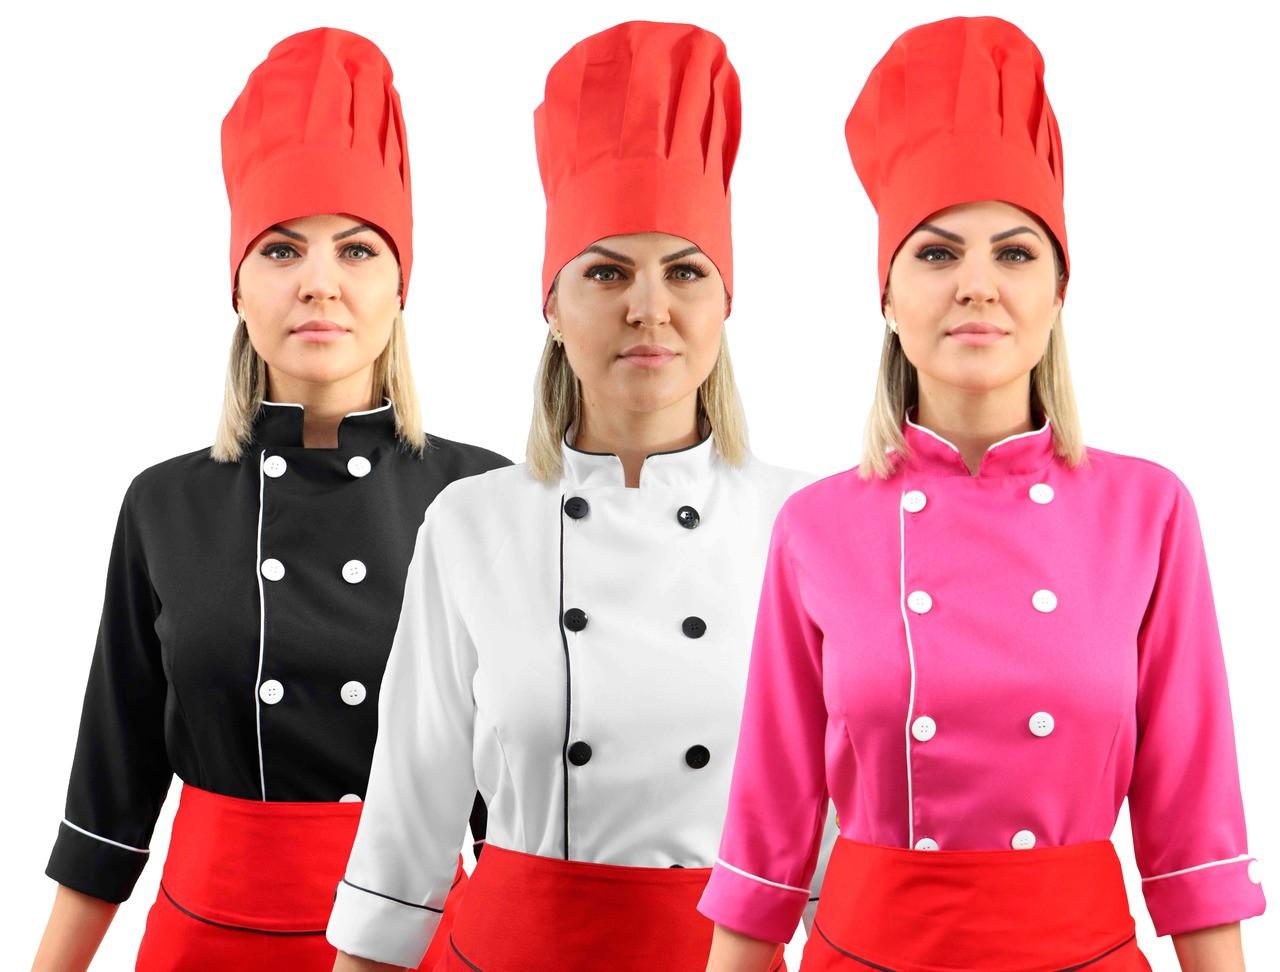 Kit Chef Cozinha Feminino Dolmã Manga 3/4 + Avental vermelho + Chapéu vermelho